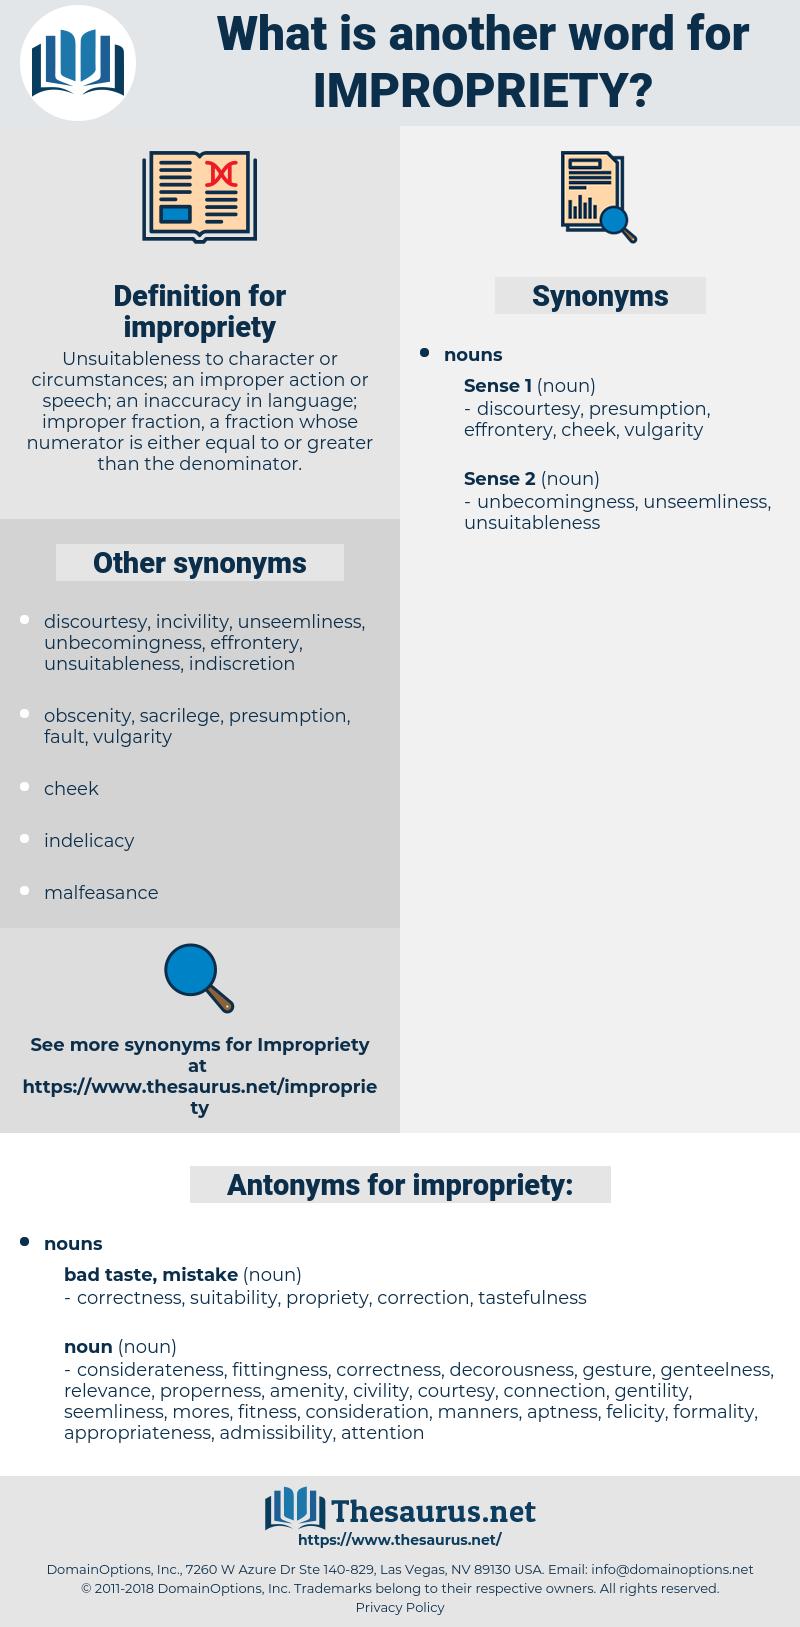 impropriety, synonym impropriety, another word for impropriety, words like impropriety, thesaurus impropriety